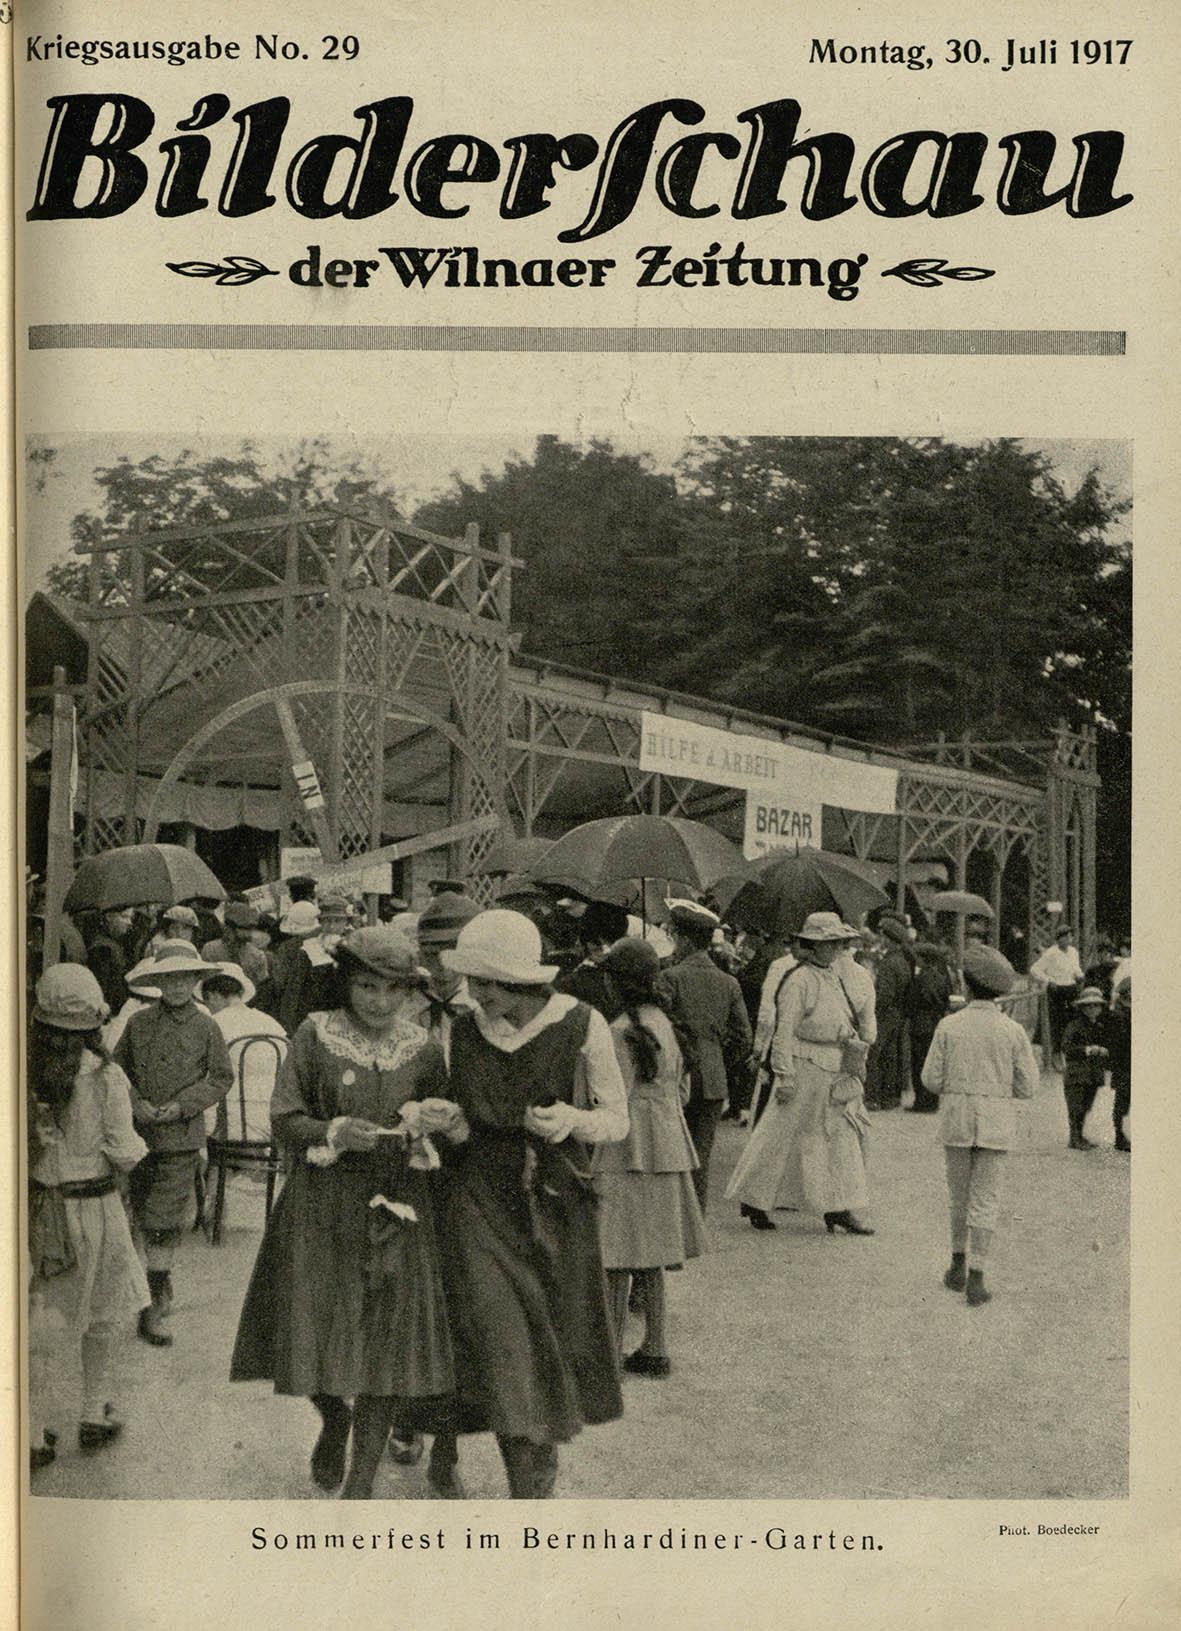 Sodai ir aikštės. Vasaros šventė Berndardinų sode   L. Boedeckerio nuotr.